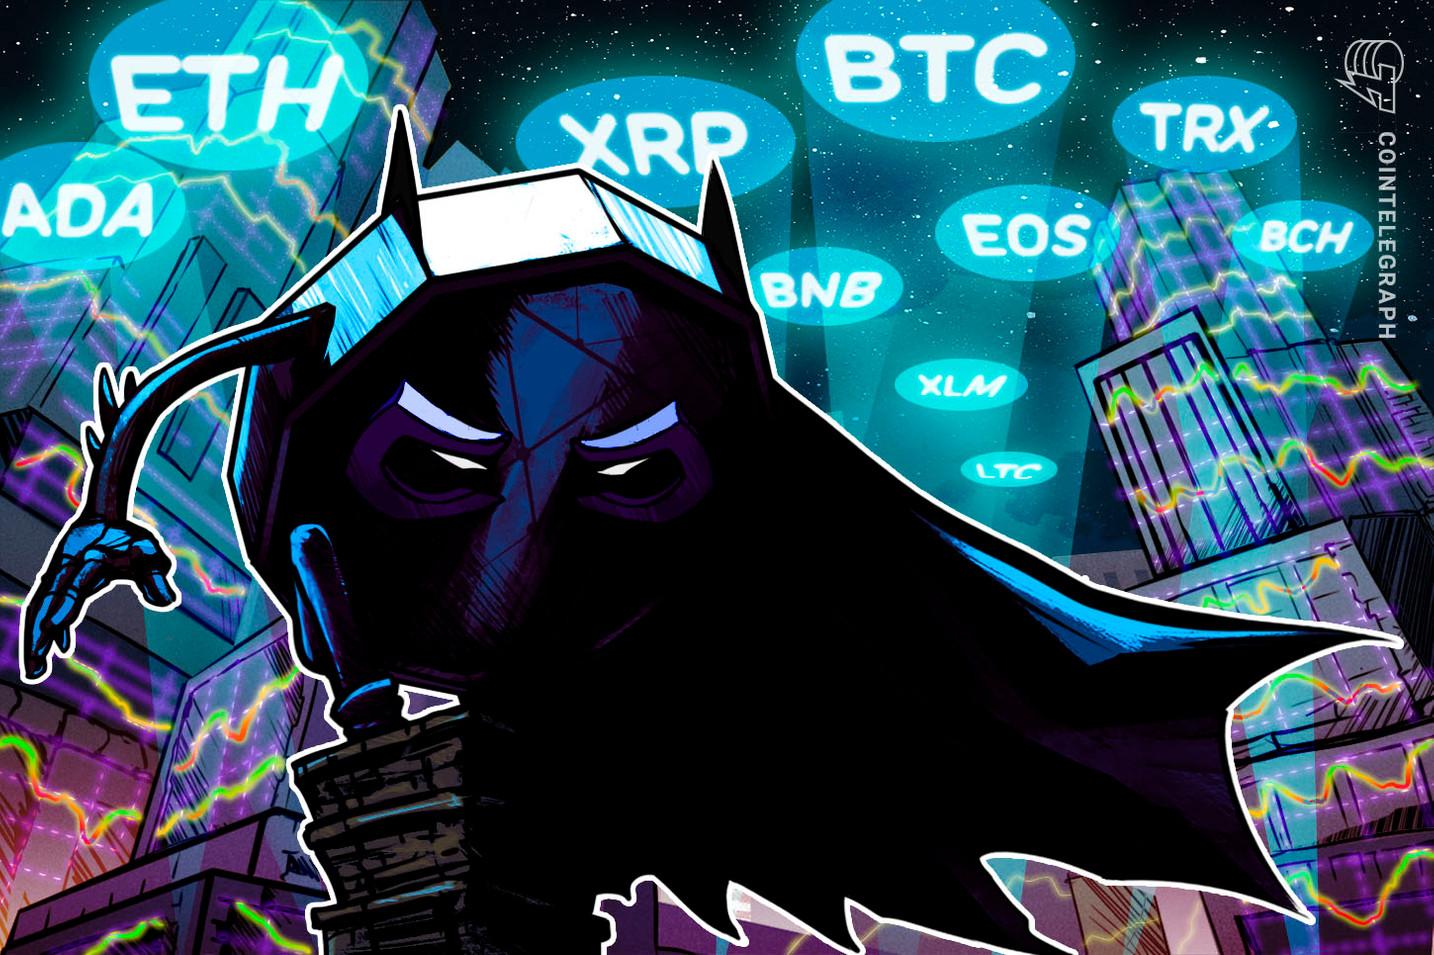 Kursanalyse, 17. April: Bitcoin, Ethereum, Ripple, Bitcoin Cash, EOS, Litecoin, Binance Coin, Stellar, Cardano, TRON